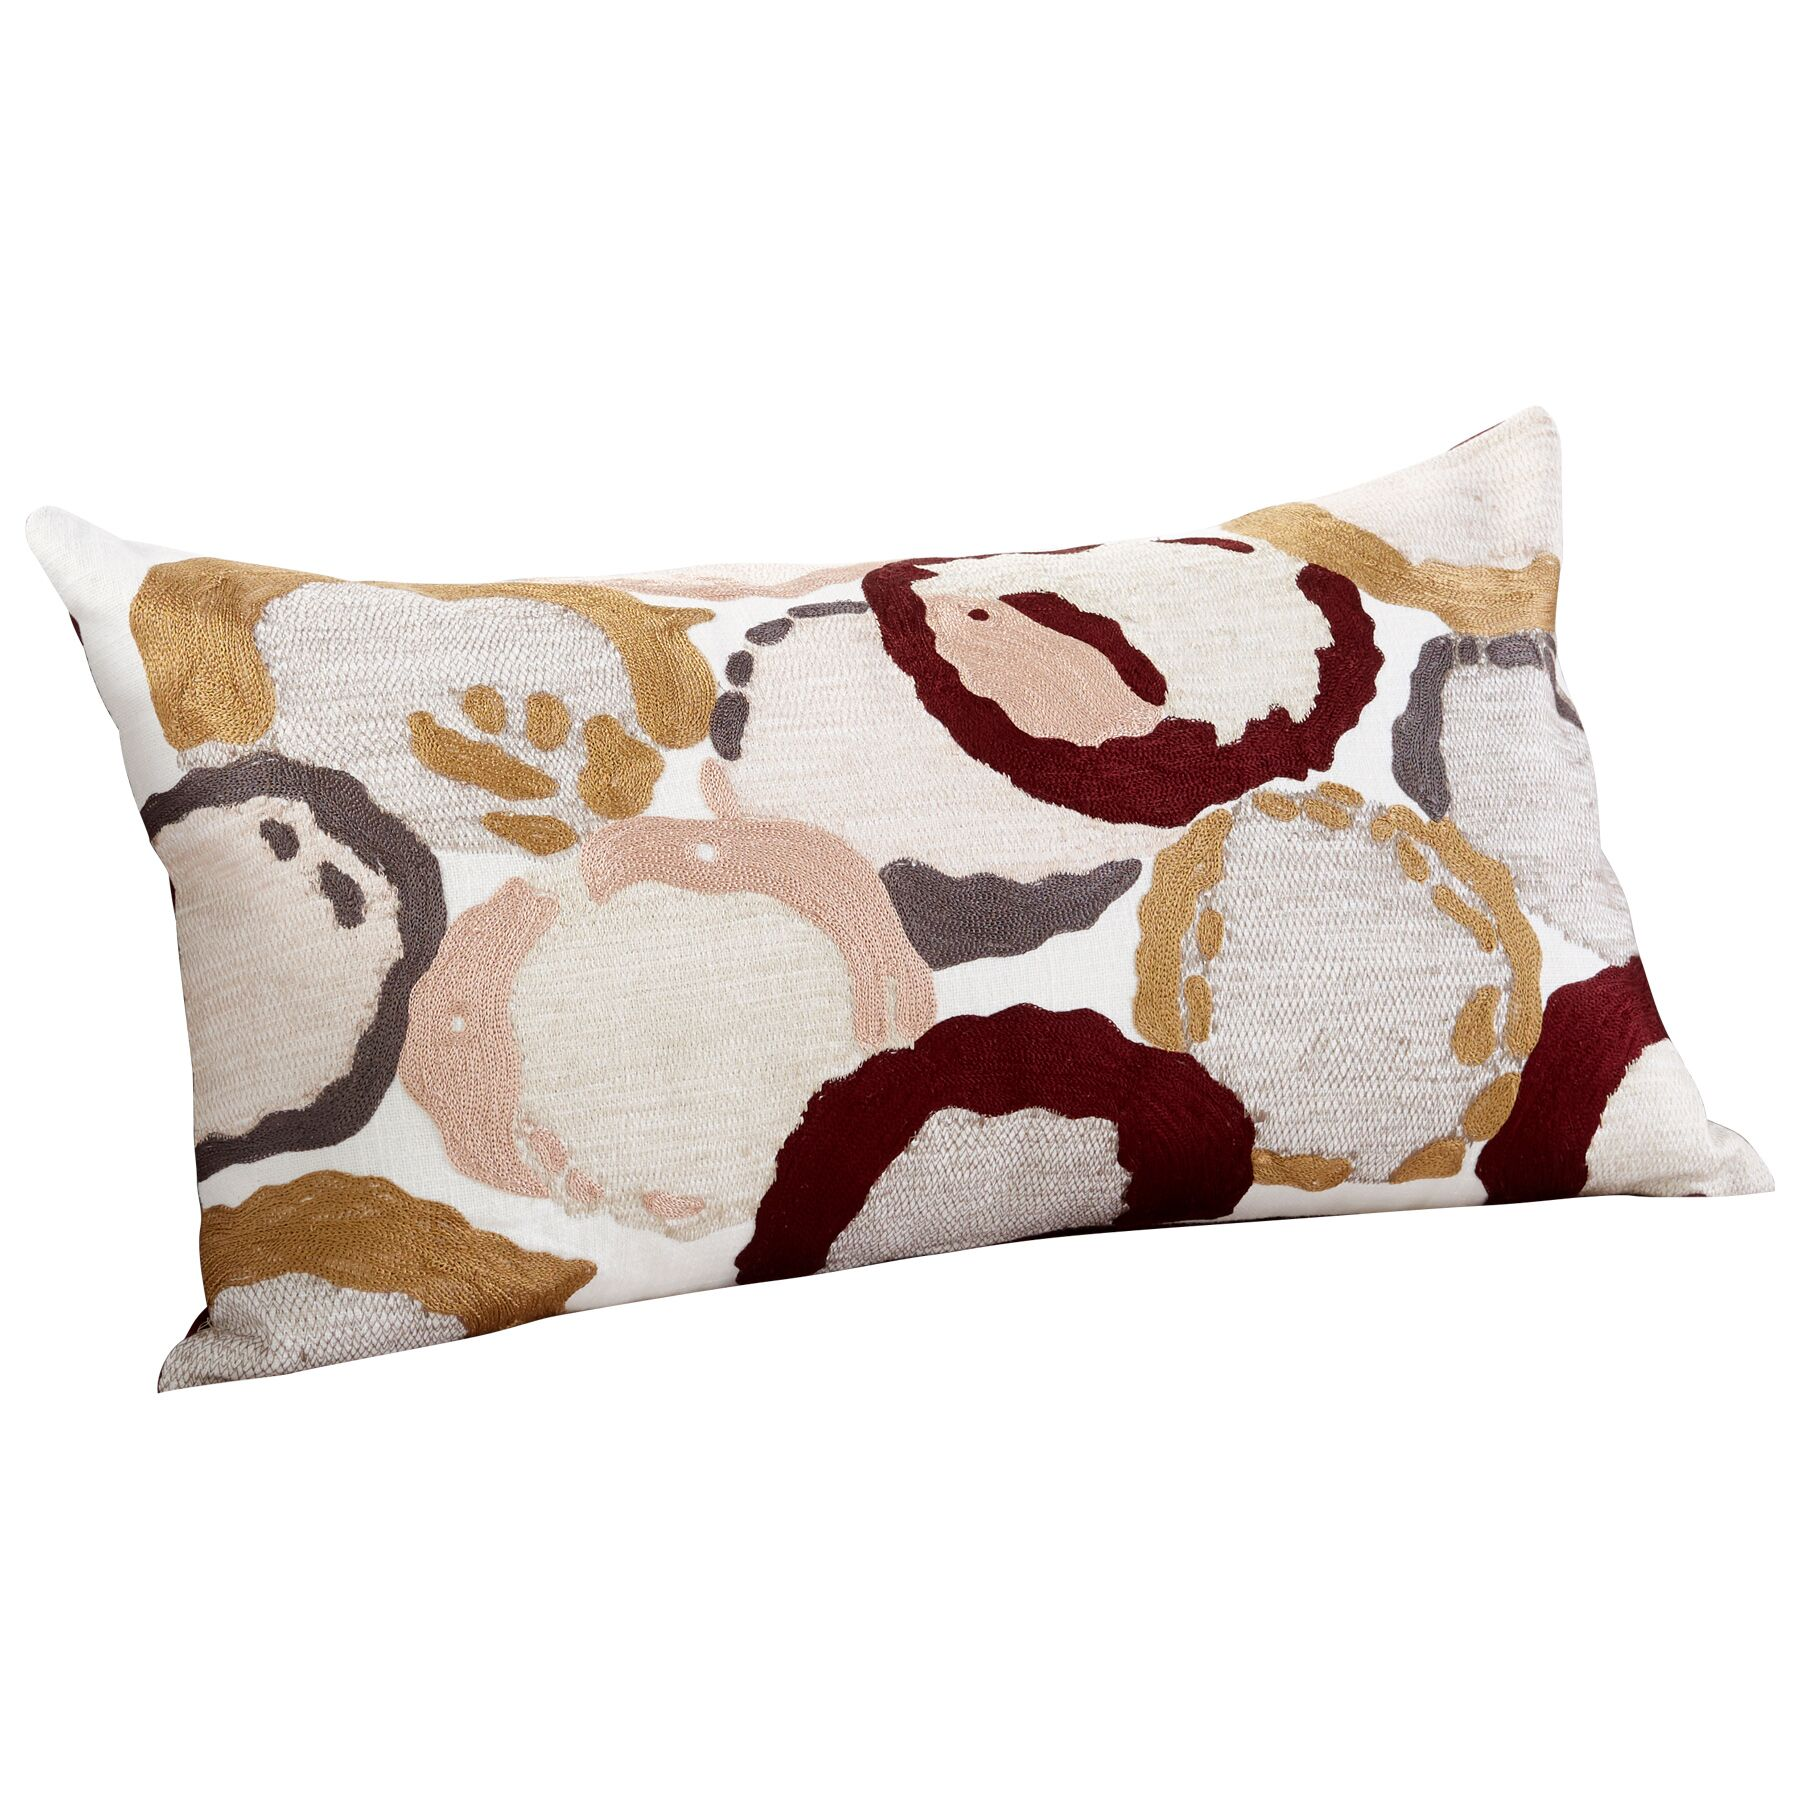 Neopolitan Decorative Cotton Lumbar Pillow